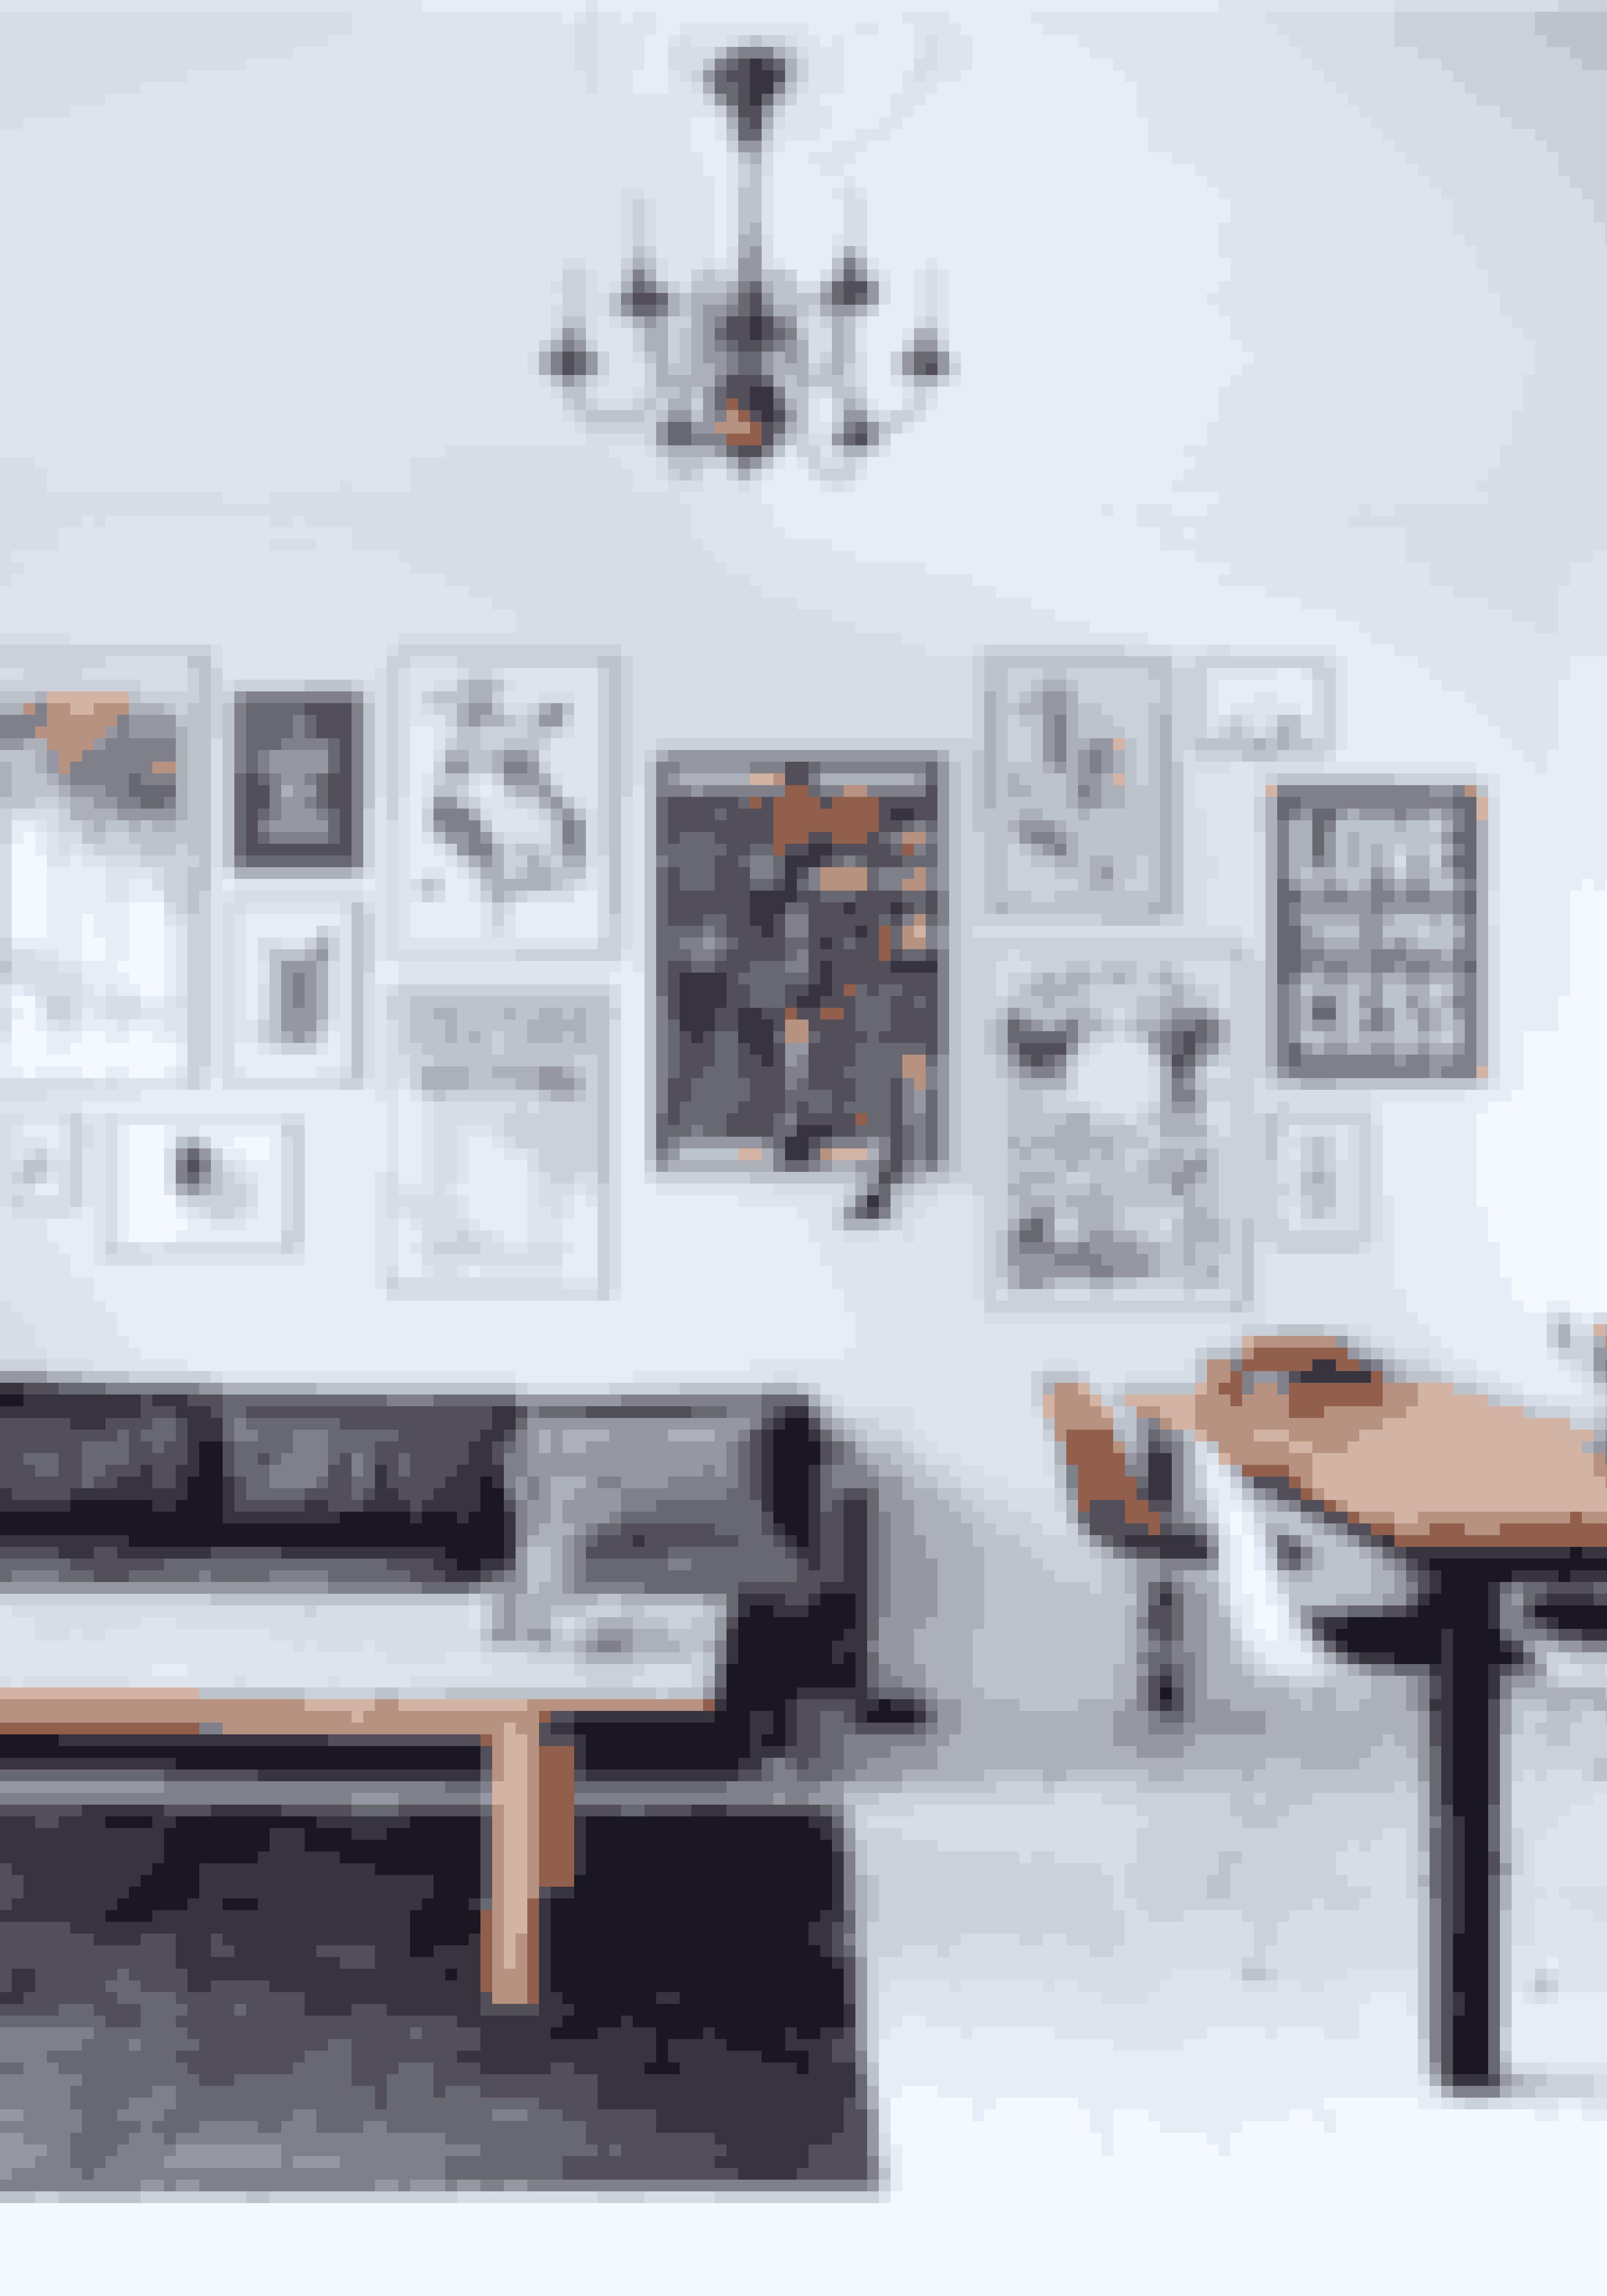 Lad en billedvæg fylde hele væggen i stedet for kun at lade den fylde over sofaen eller spisebordet.